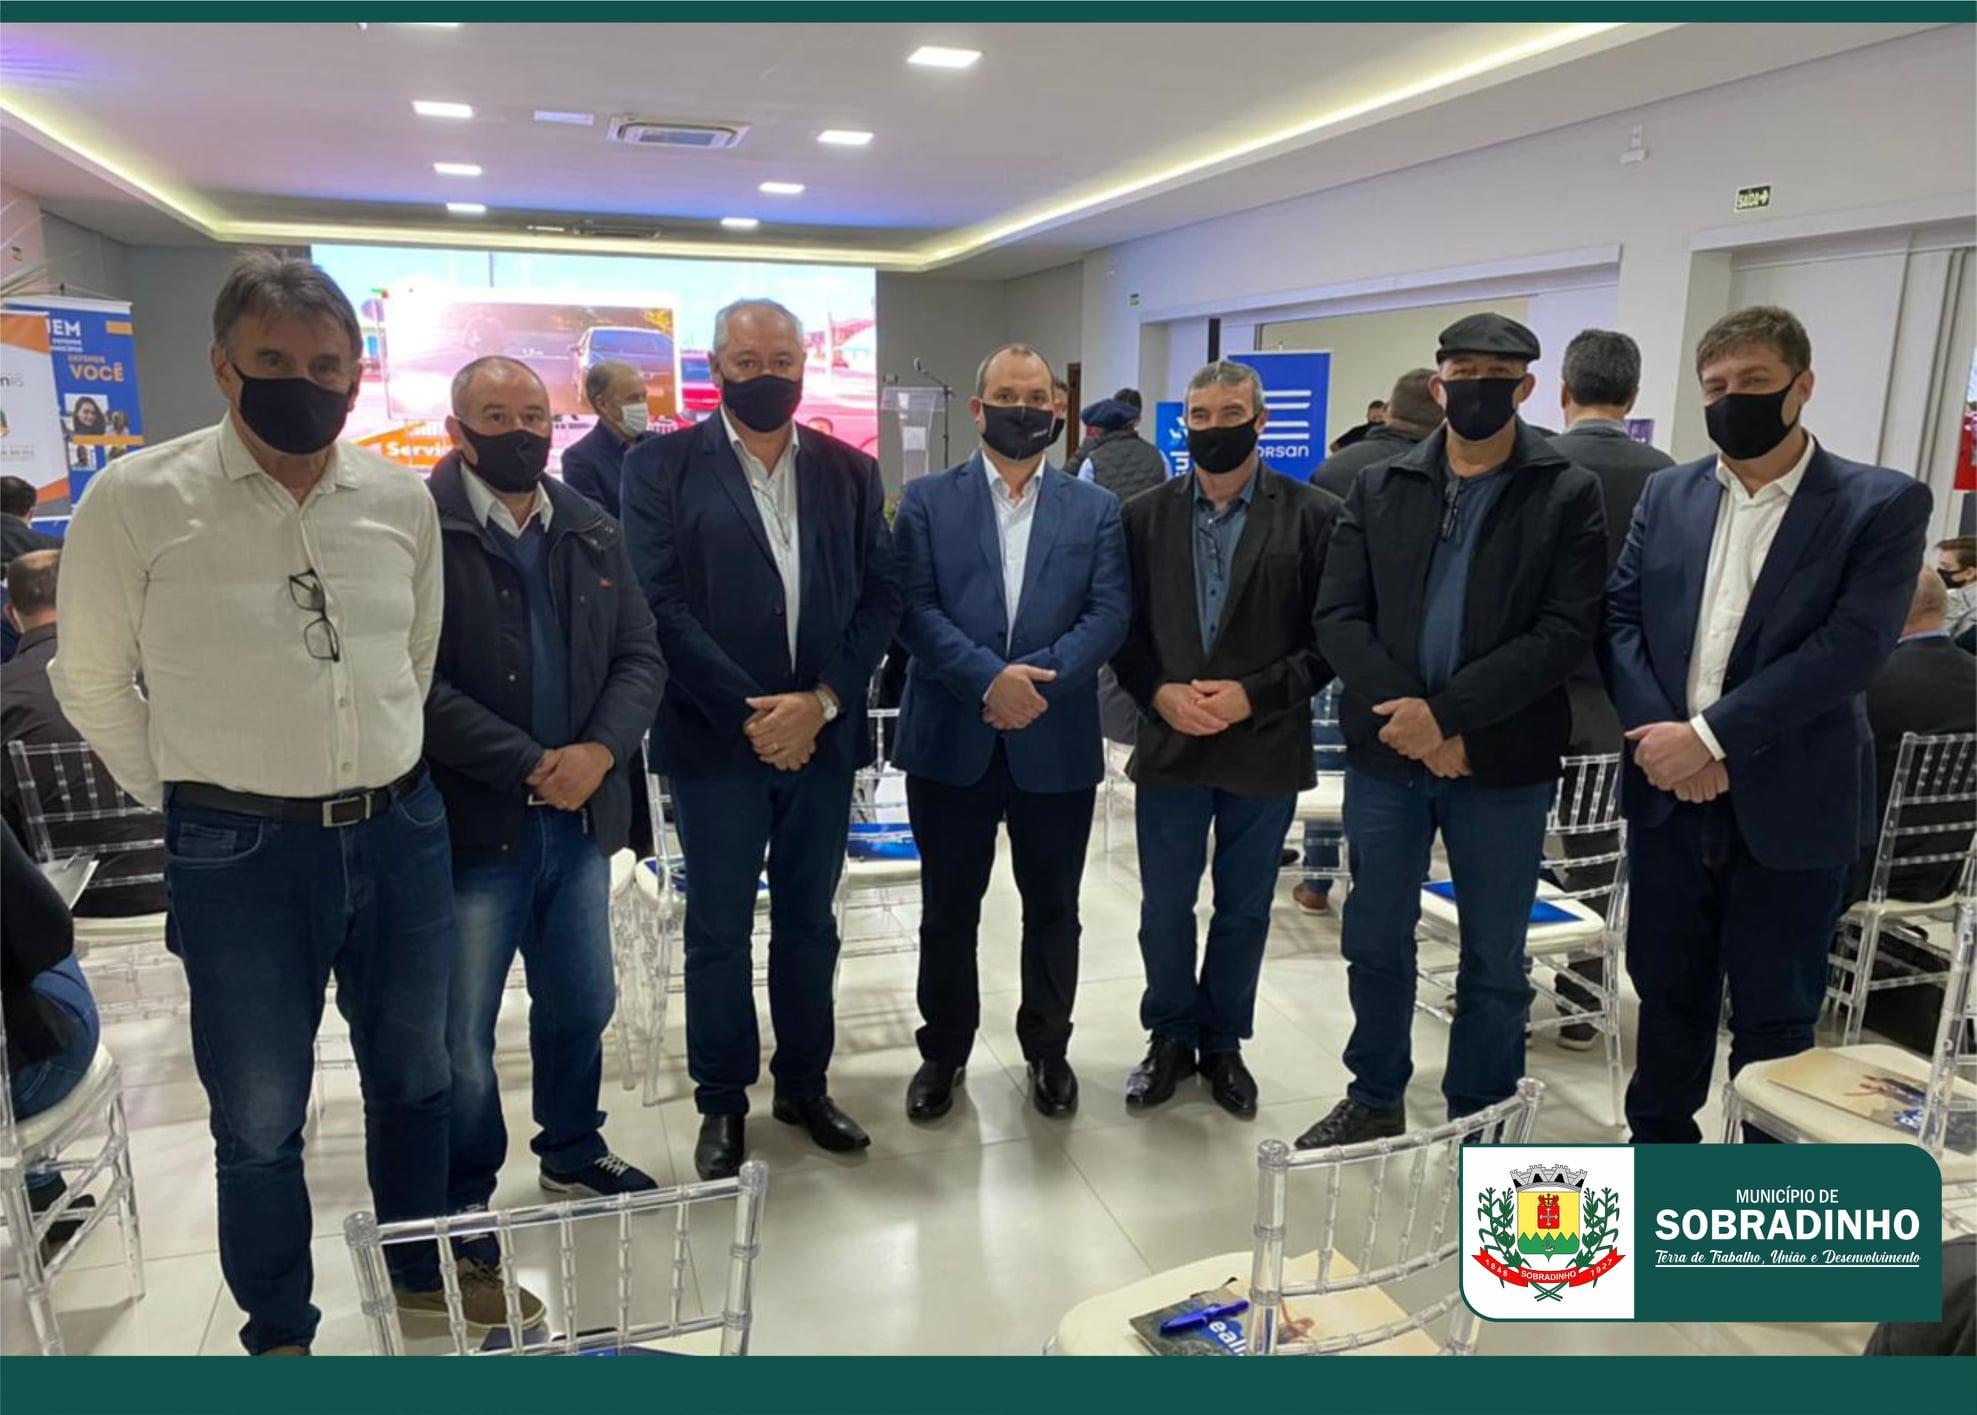 Prefeitos da região participam de evento na Expointer